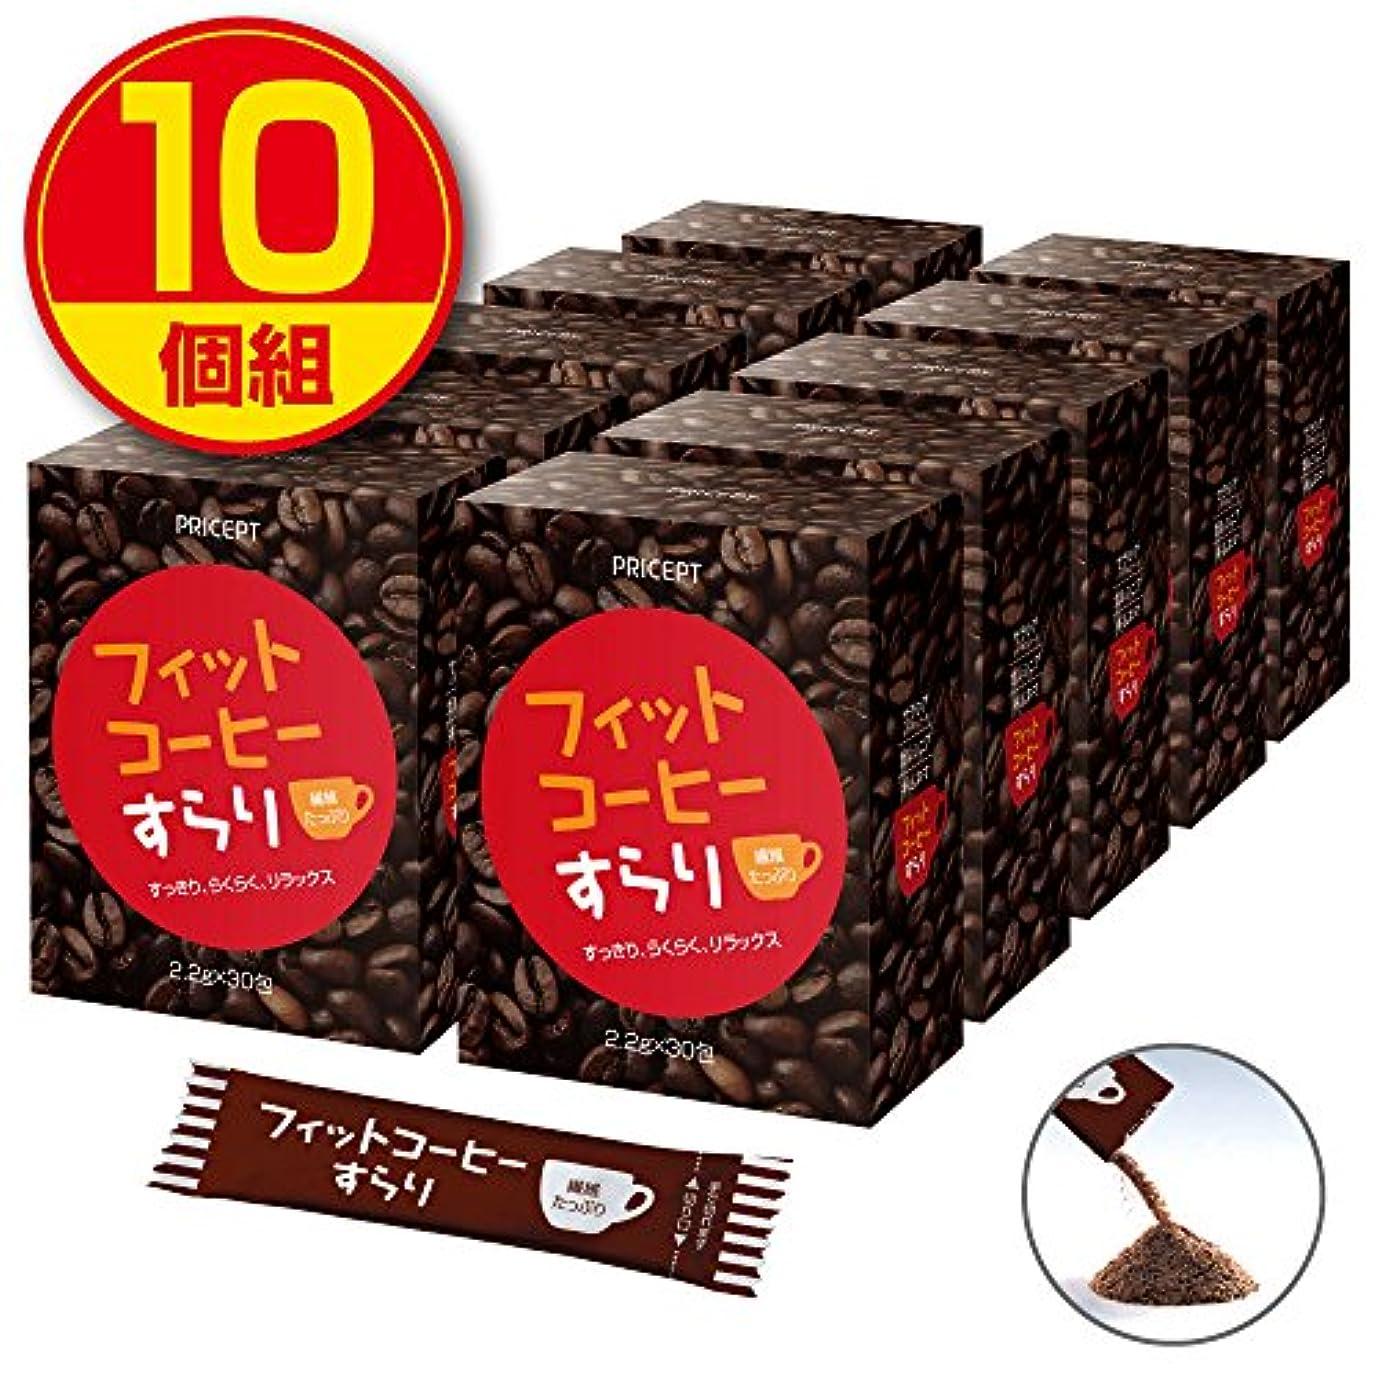 四エキゾチック合併プリセプト フィットコーヒーすらり 30包【10個組(300包)】(ダイエットサポートコーヒー)